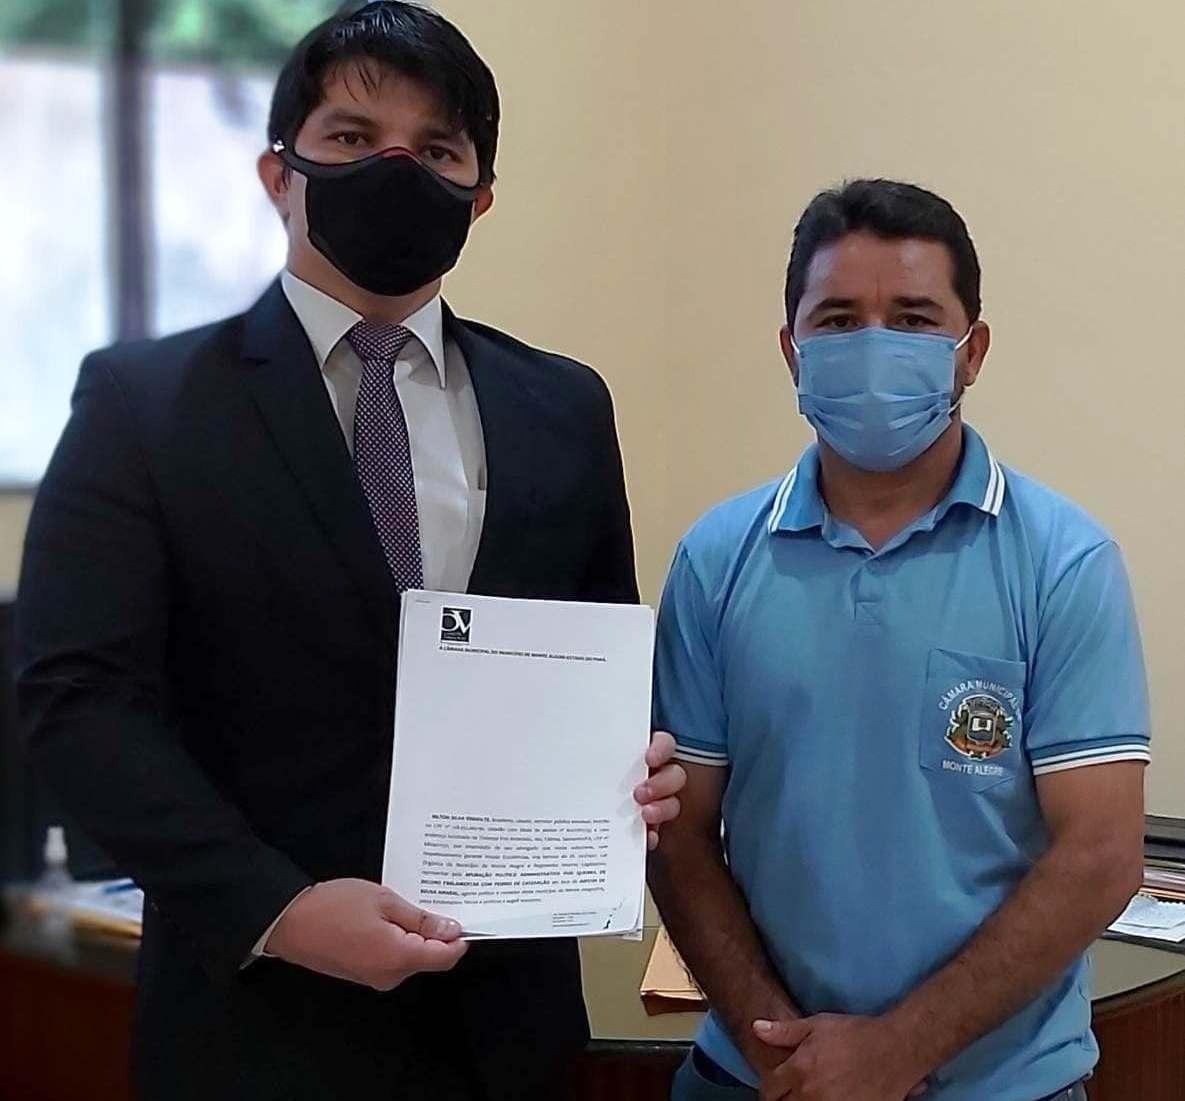 Advogado protocola pedido de cassação de vereador que ameaçou oficial de Justiça